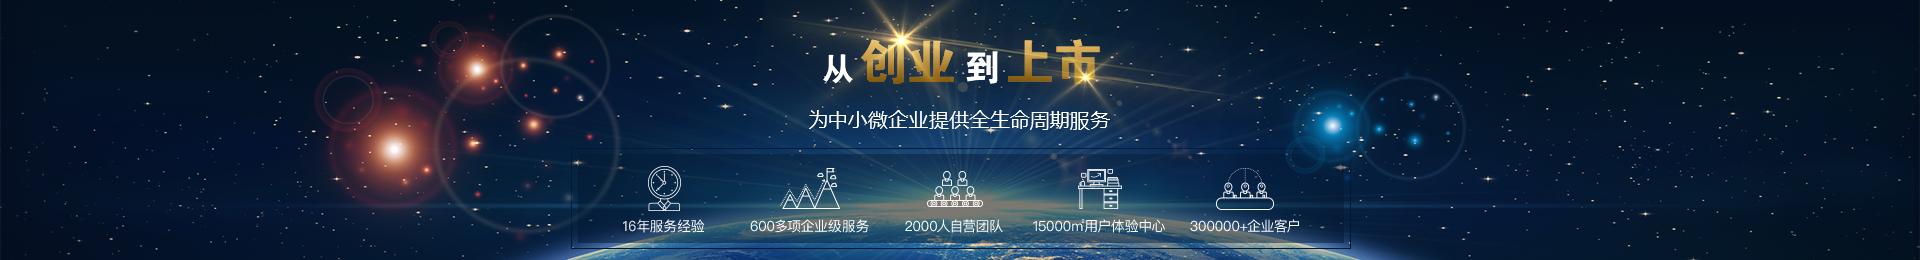 兰州营业执照代办_上海注册公司-代办工商注册-代办营业执照-注册公司开户代理记账